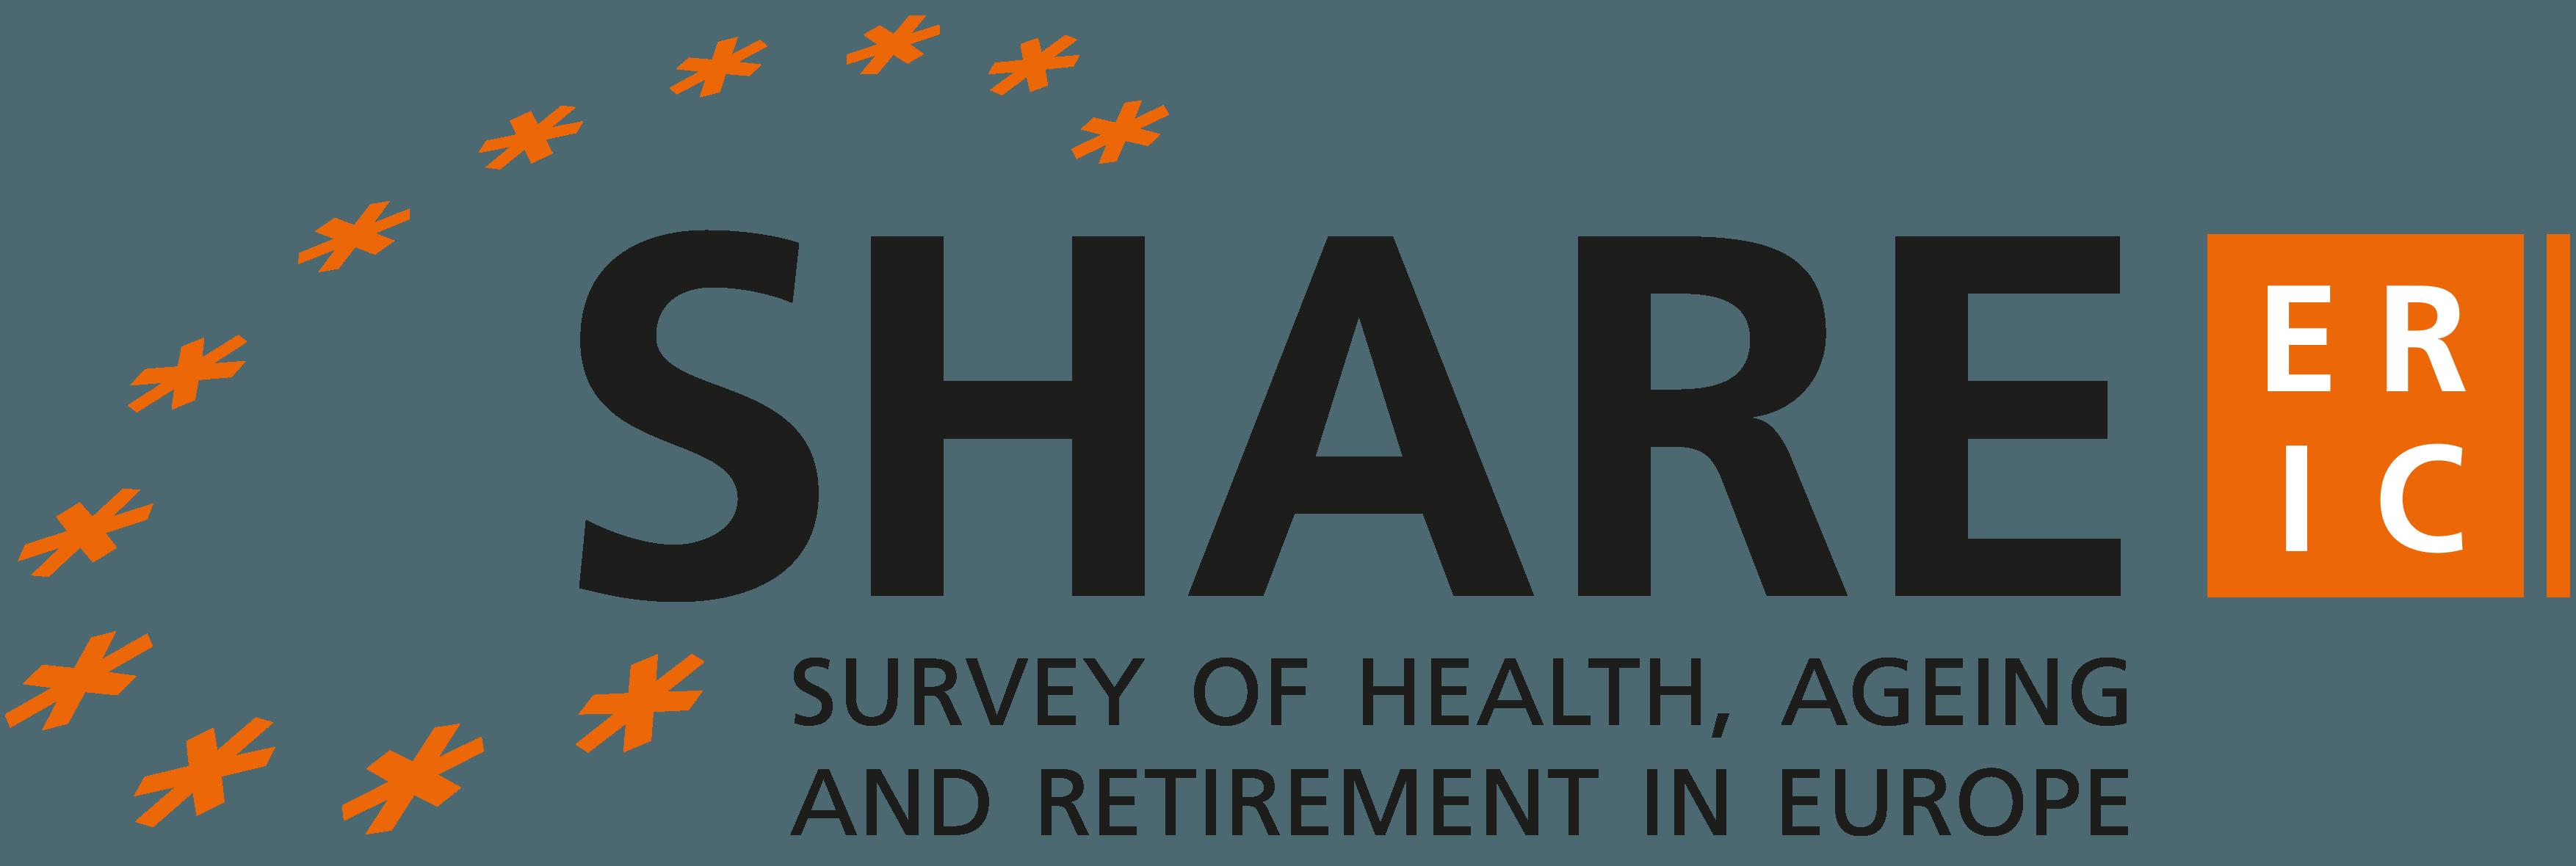 SHARE-ERIC Logo